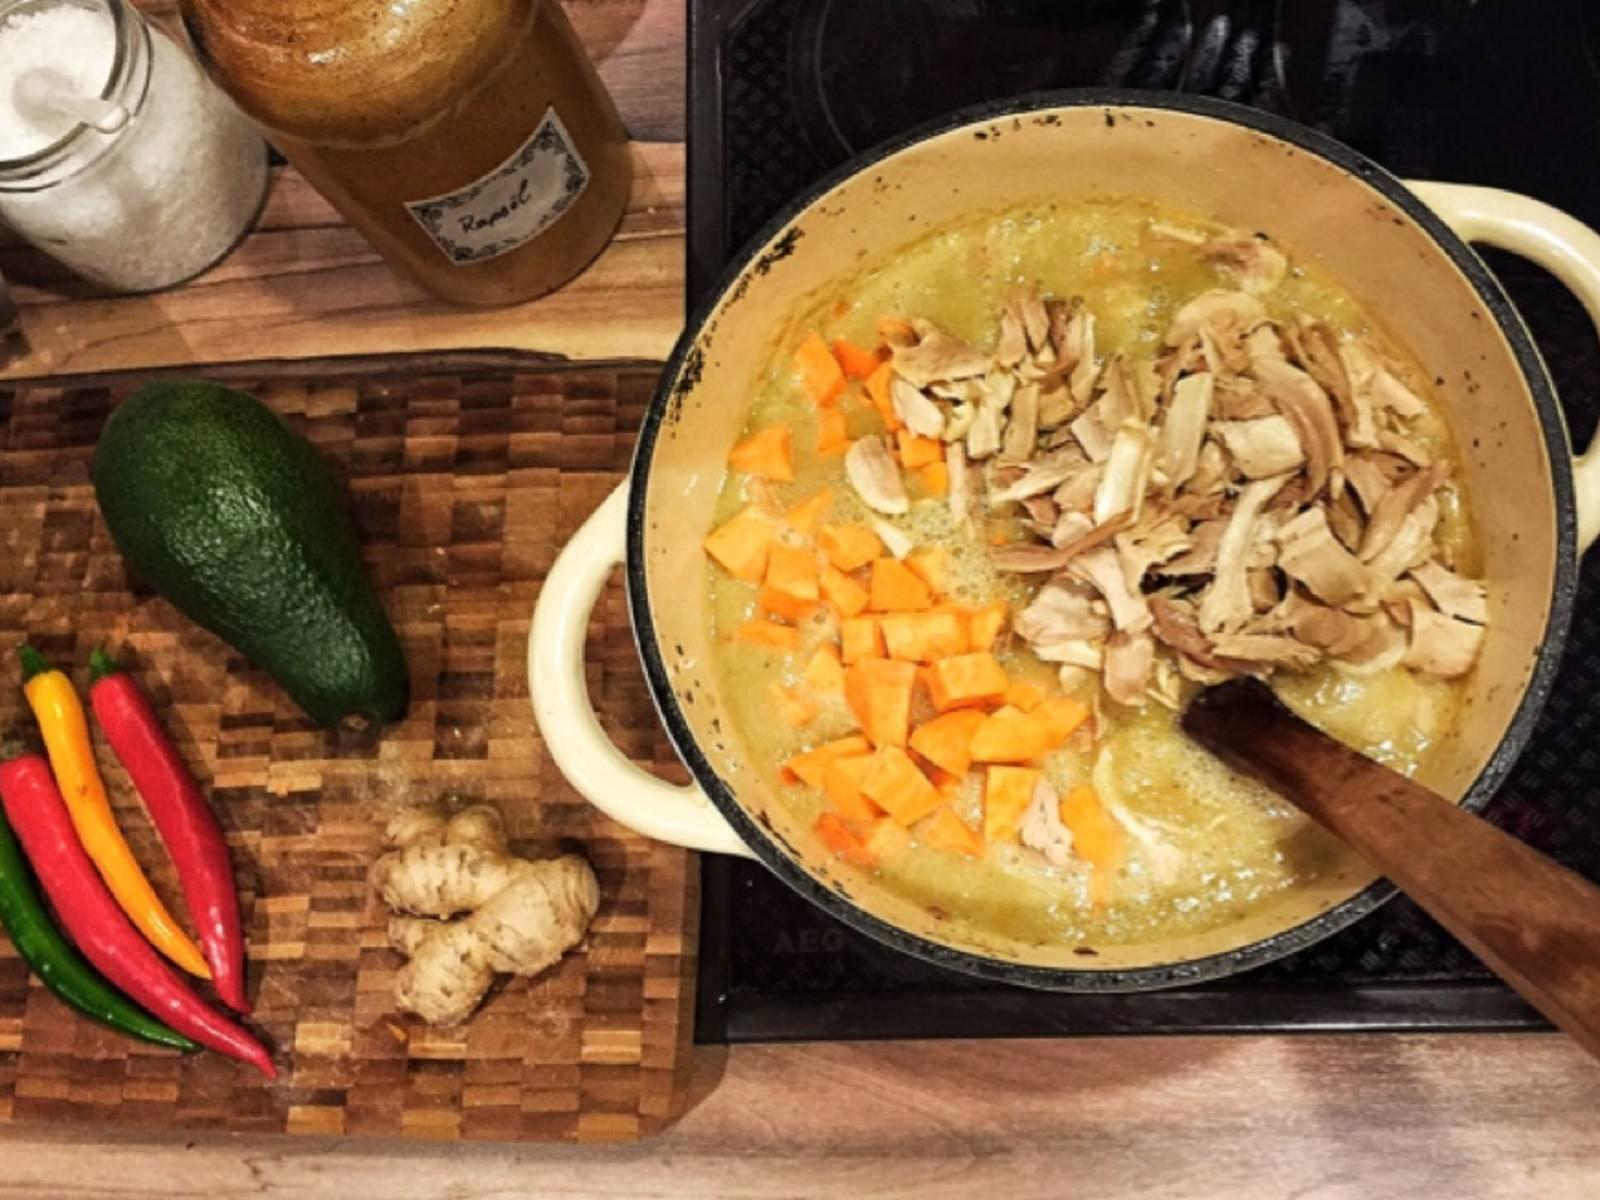 将鸡胸肉(预先煮好并切片)、红薯和胡萝卜一起放入大锅中,文火煮软。